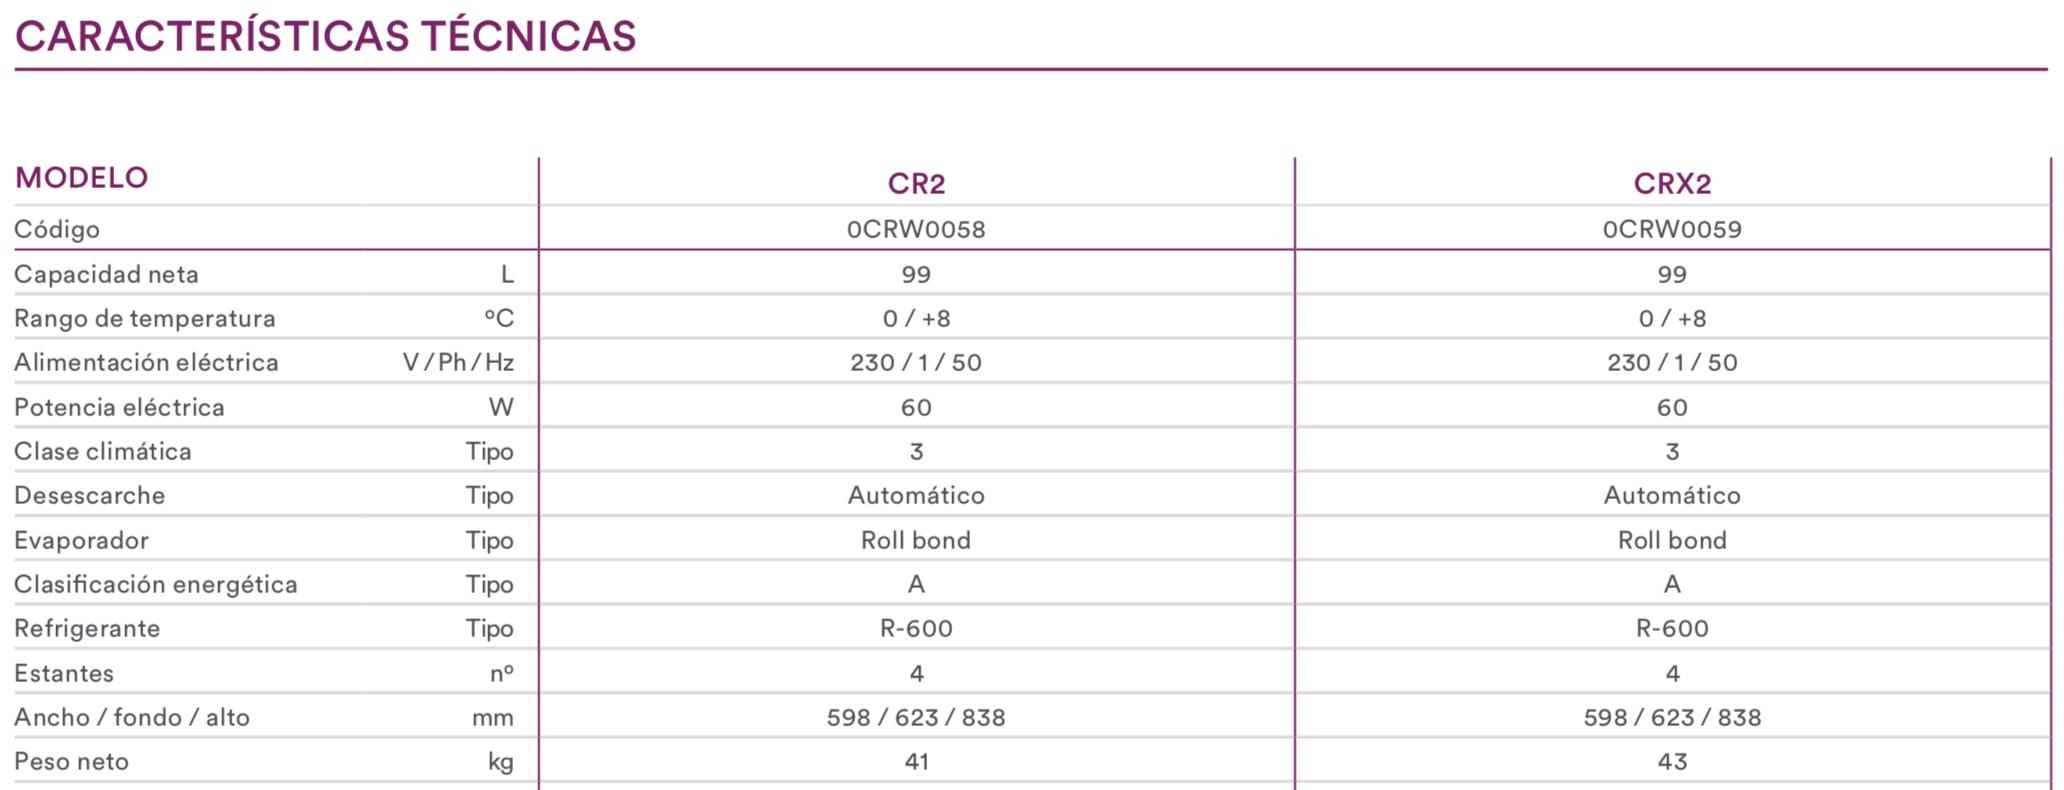 CR2 CARACTERISTICAS